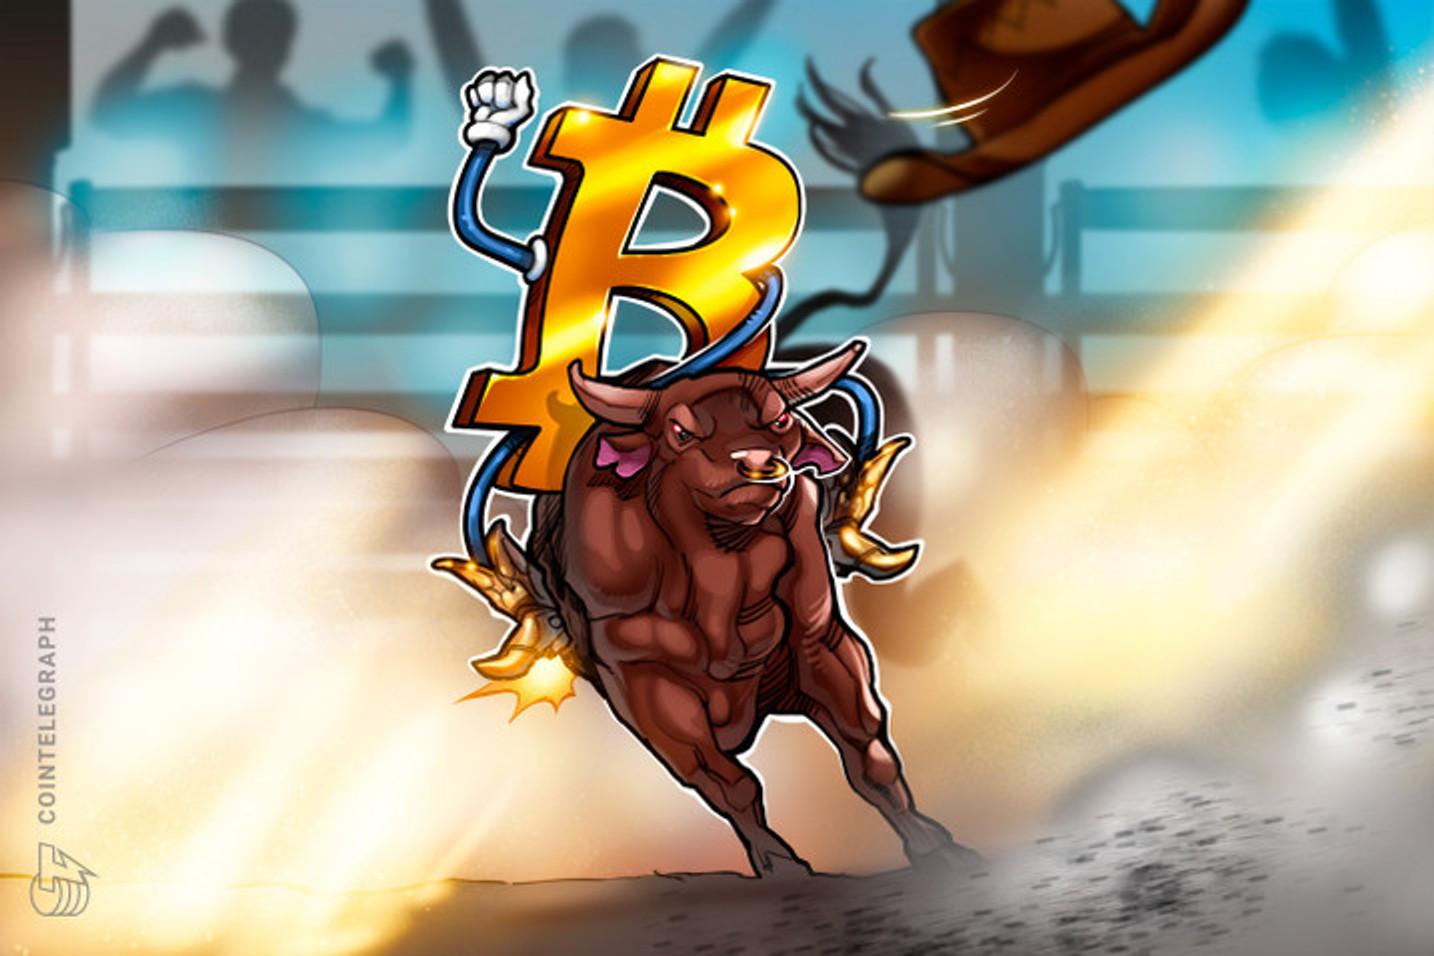 Bitcoin nunca mais será negociado abaixo de US$ 20 mil, prevê analista